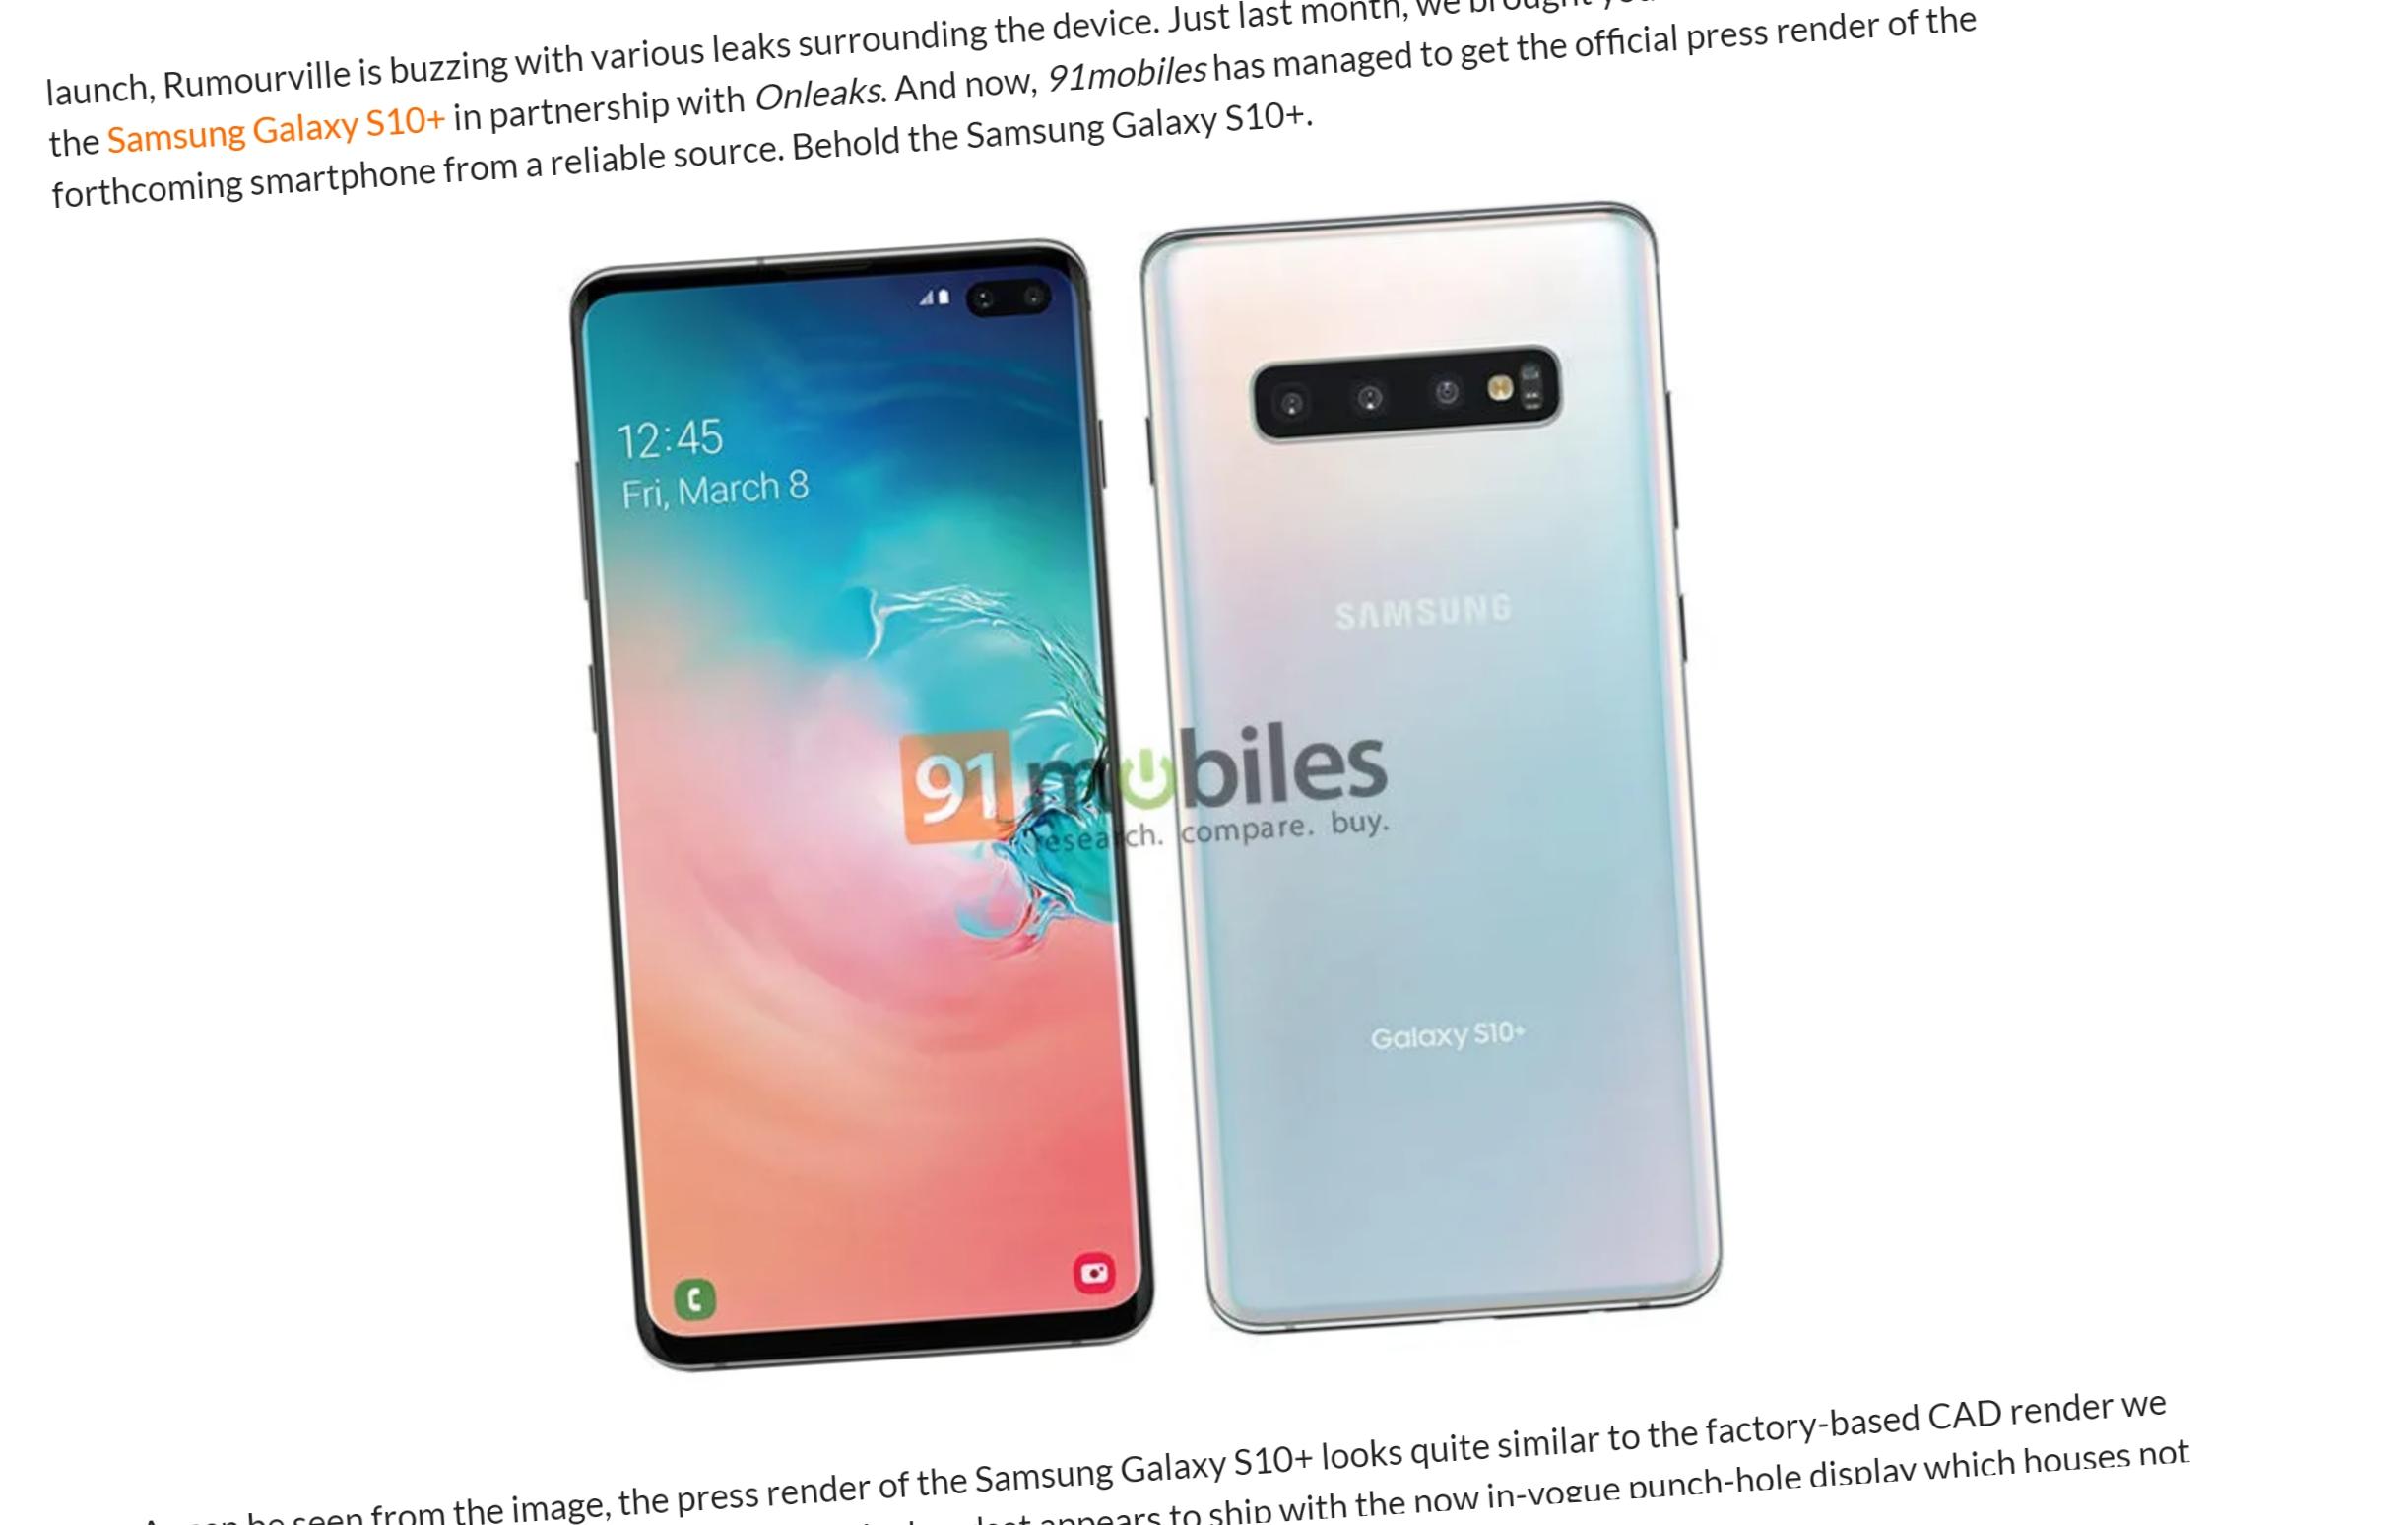 Skal du handle S10? Dette er det offisielle bildet fra Samsung